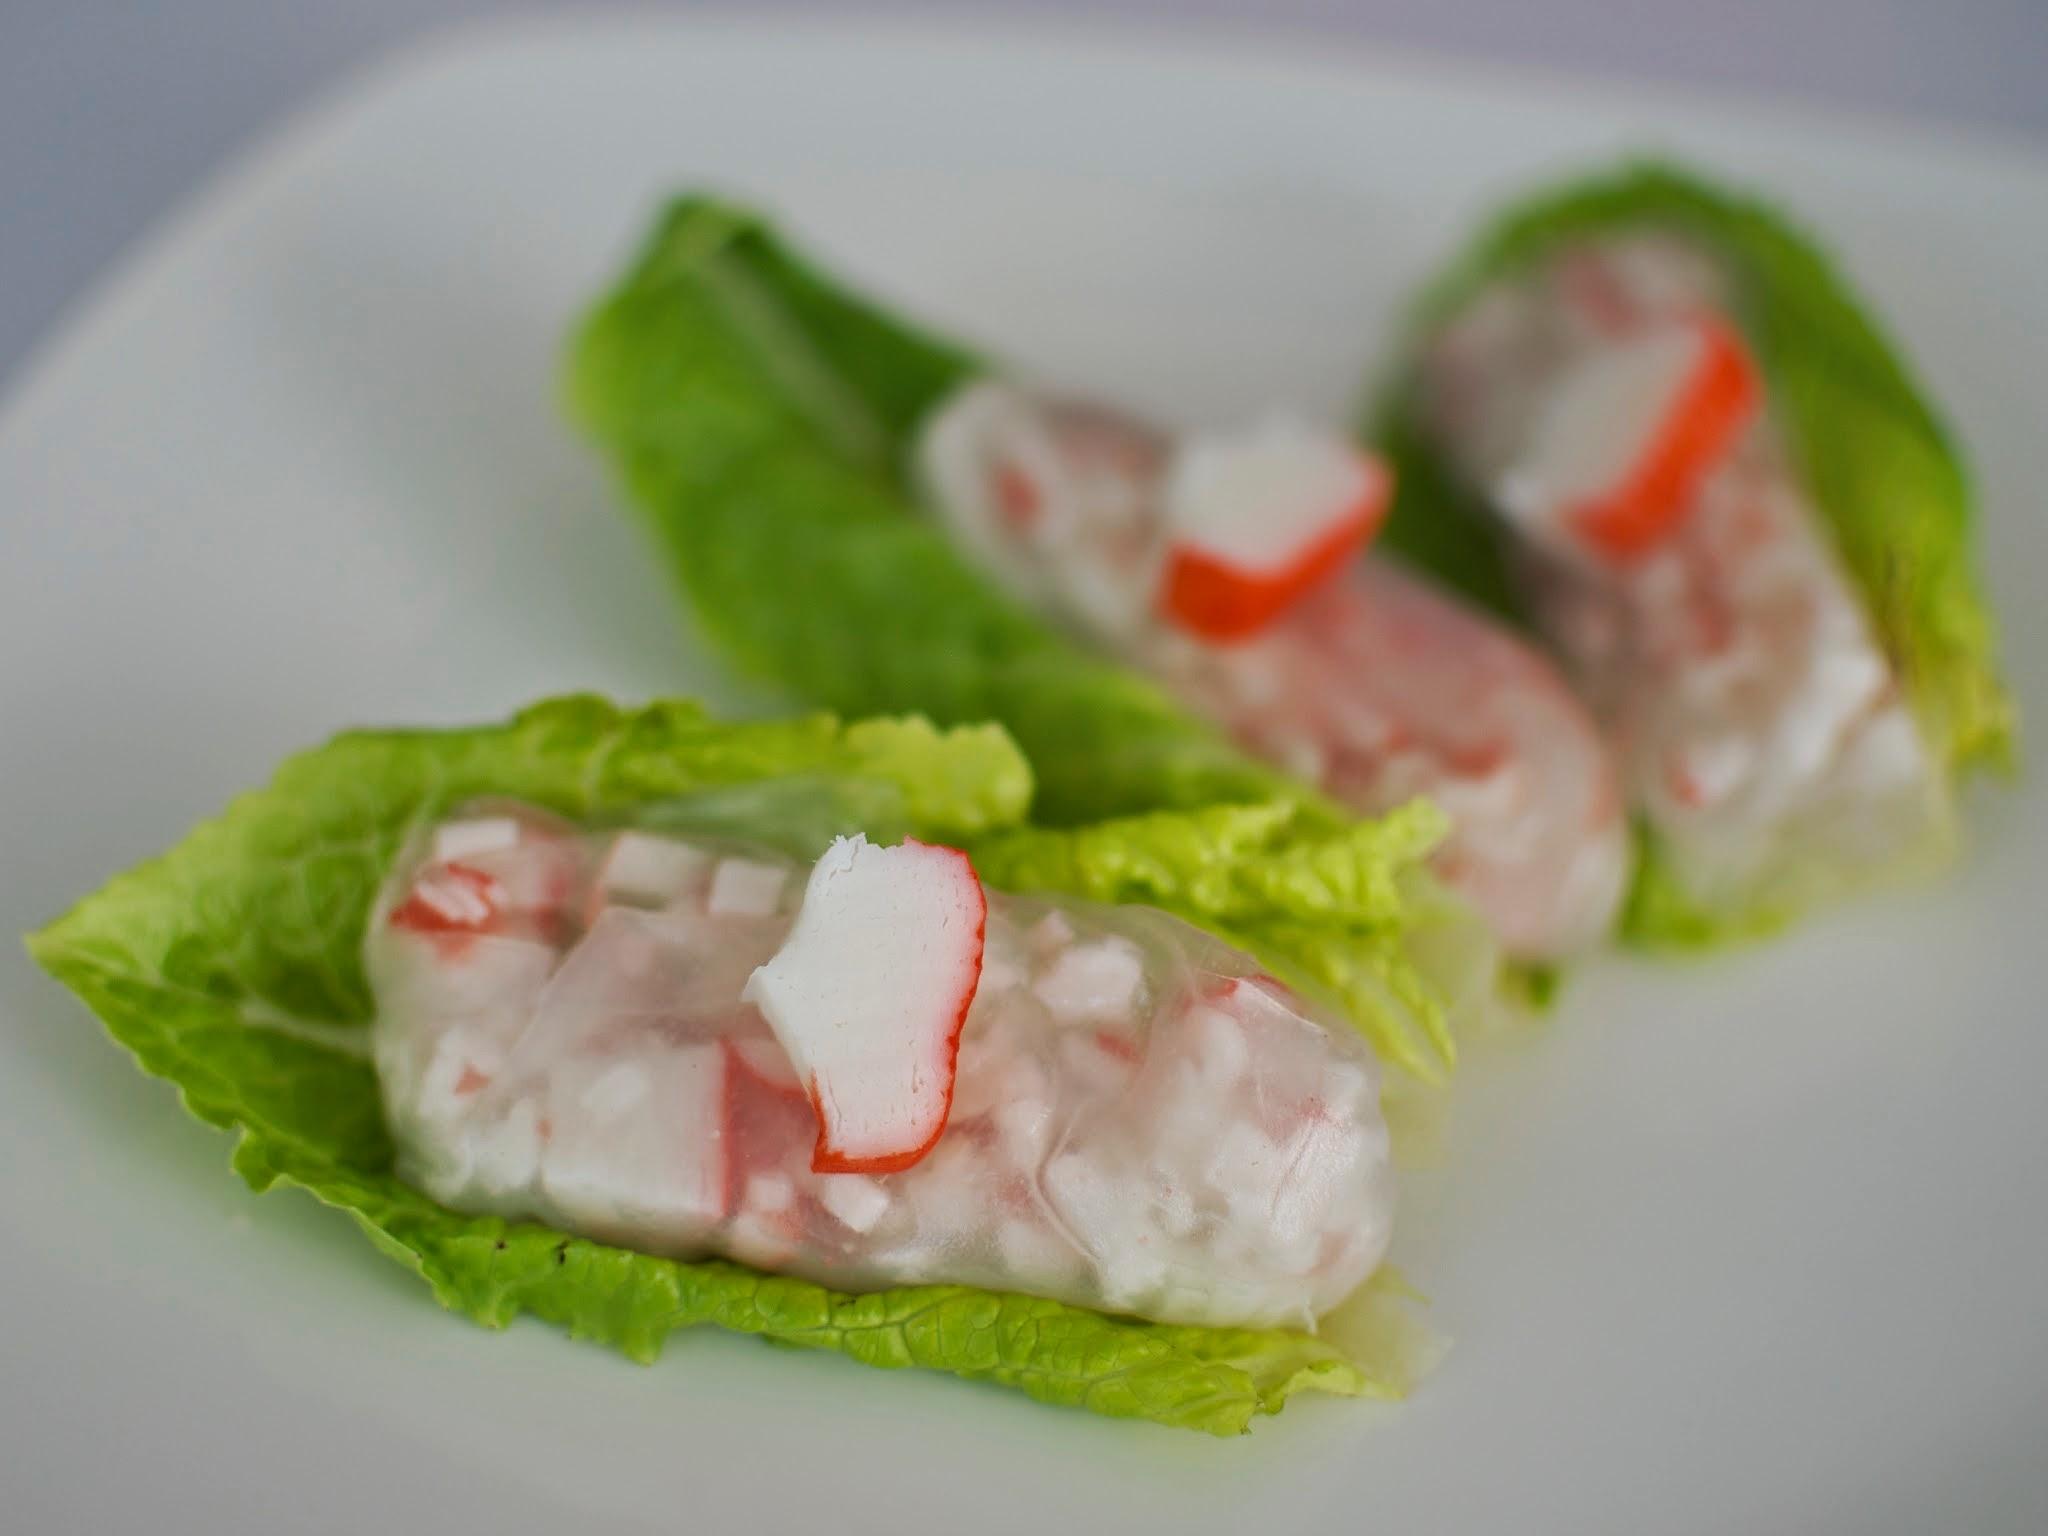 Rollos de Cangrejo  Rollos de surimi de cangrejo envuelto en hojade arroz sobre hoja de corazón de lechuga.  MÍNIMO 25 PIEZAS .  Precio por pieza $ 14.00